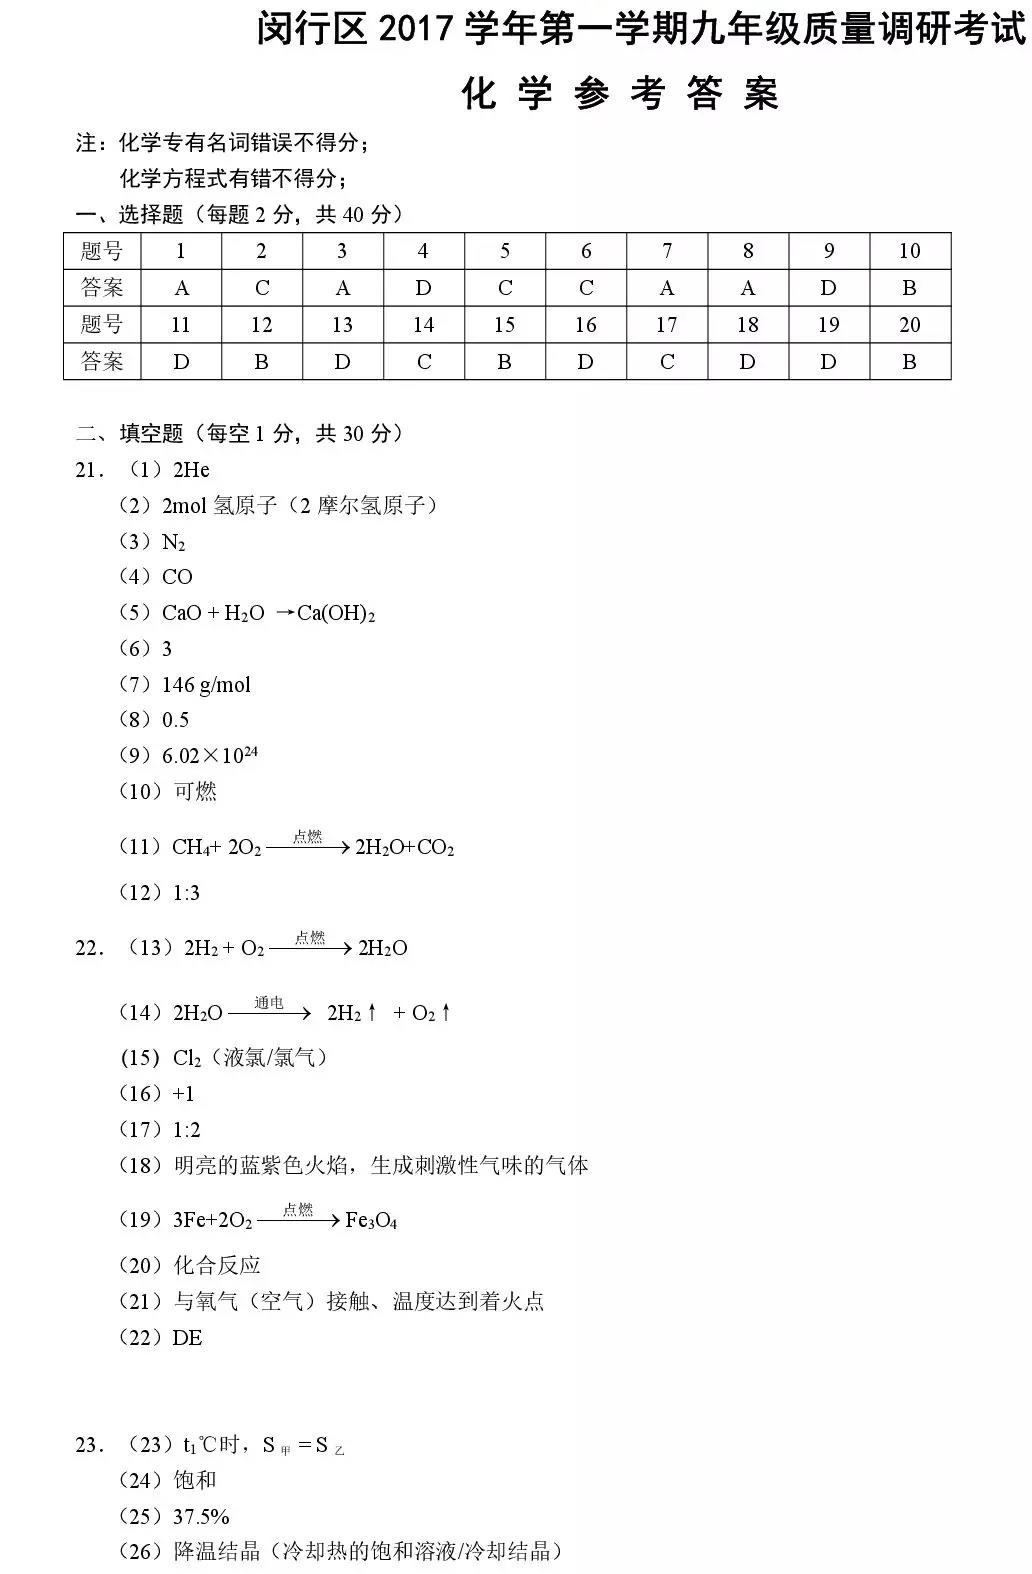 2018闵行中考化学一模试题及答案(图片版)